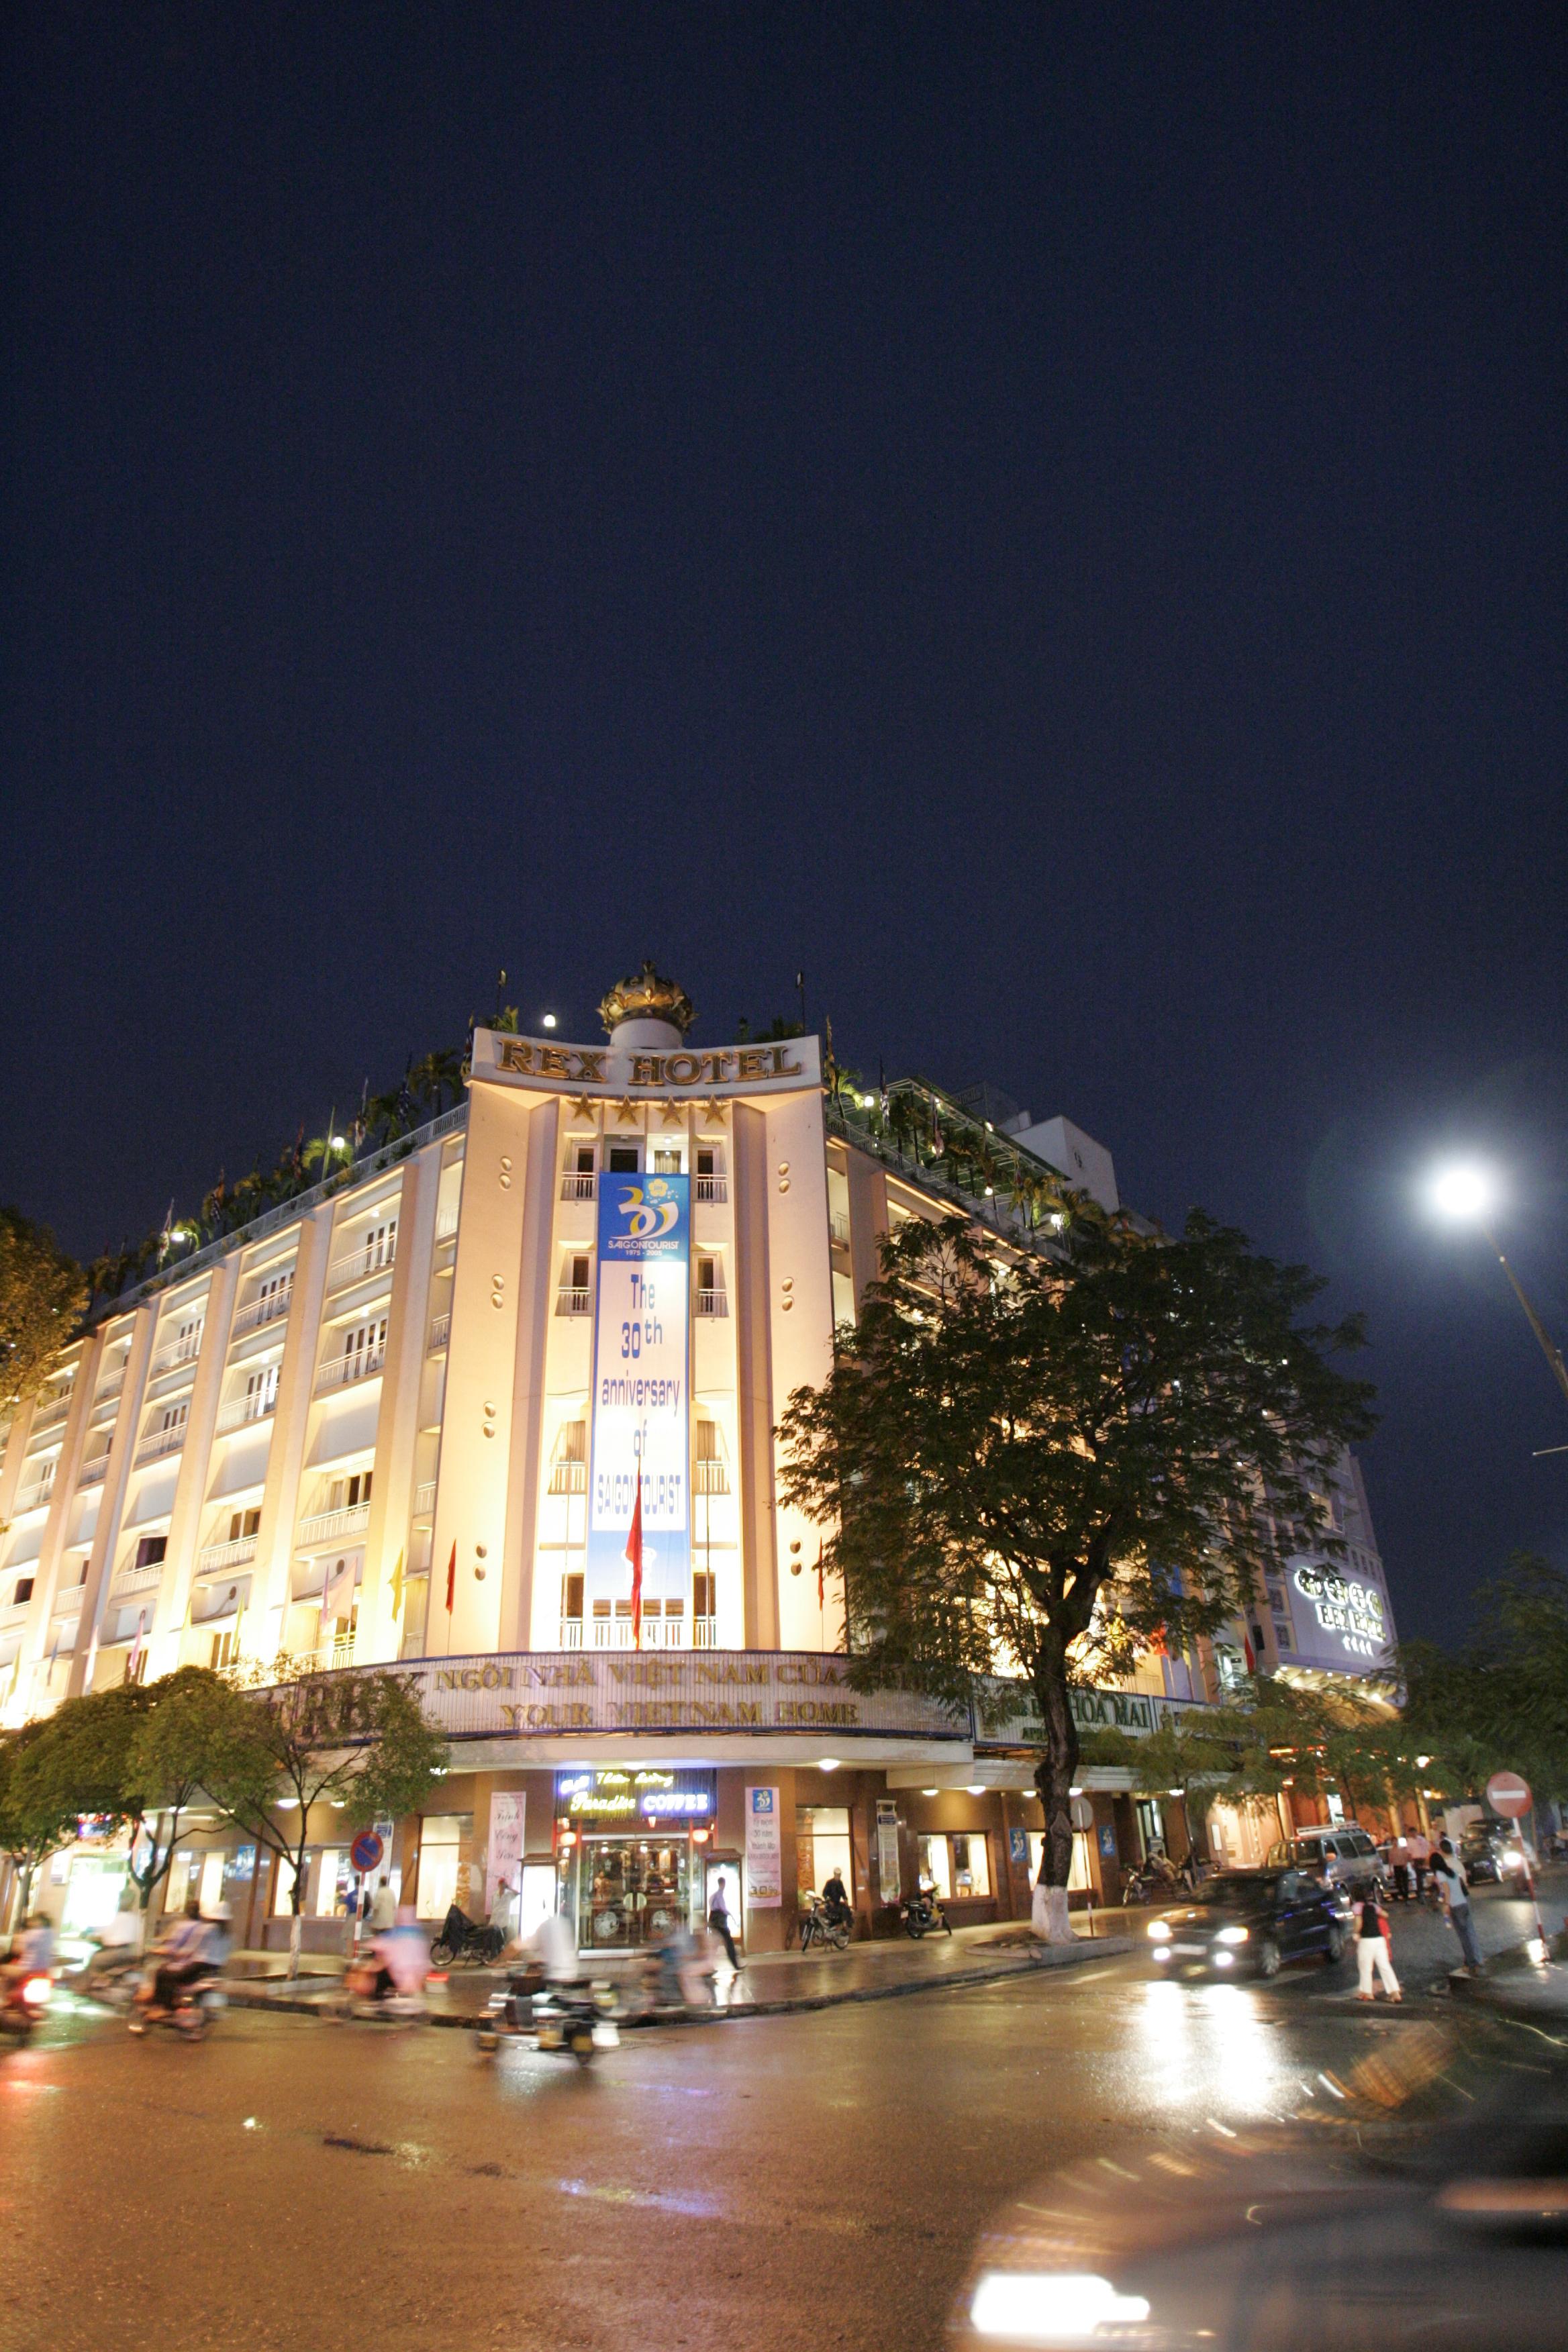 Khách sạn Rex Saigon -  Khách sạn lịch sử giữa lòng thành phố hiện đại